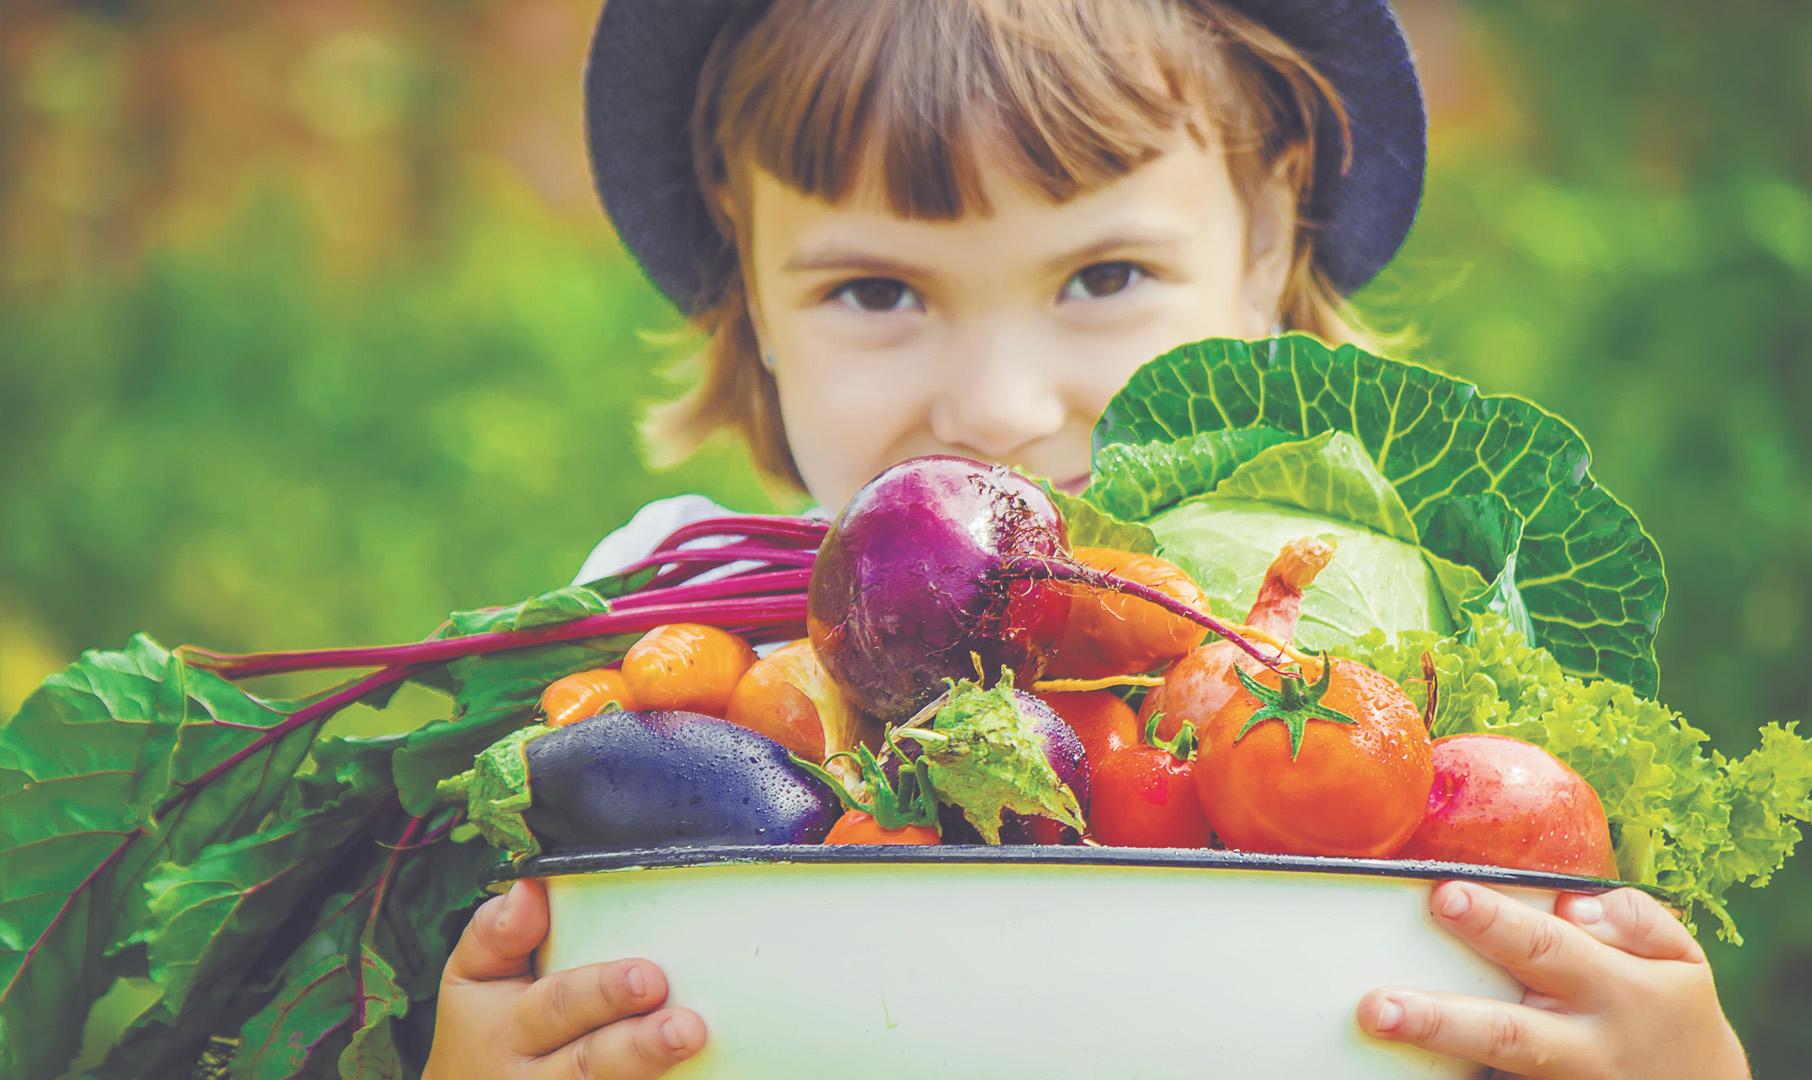 Толстые дети: 4 полезные привычки, которые помогут предотвратить ожирение